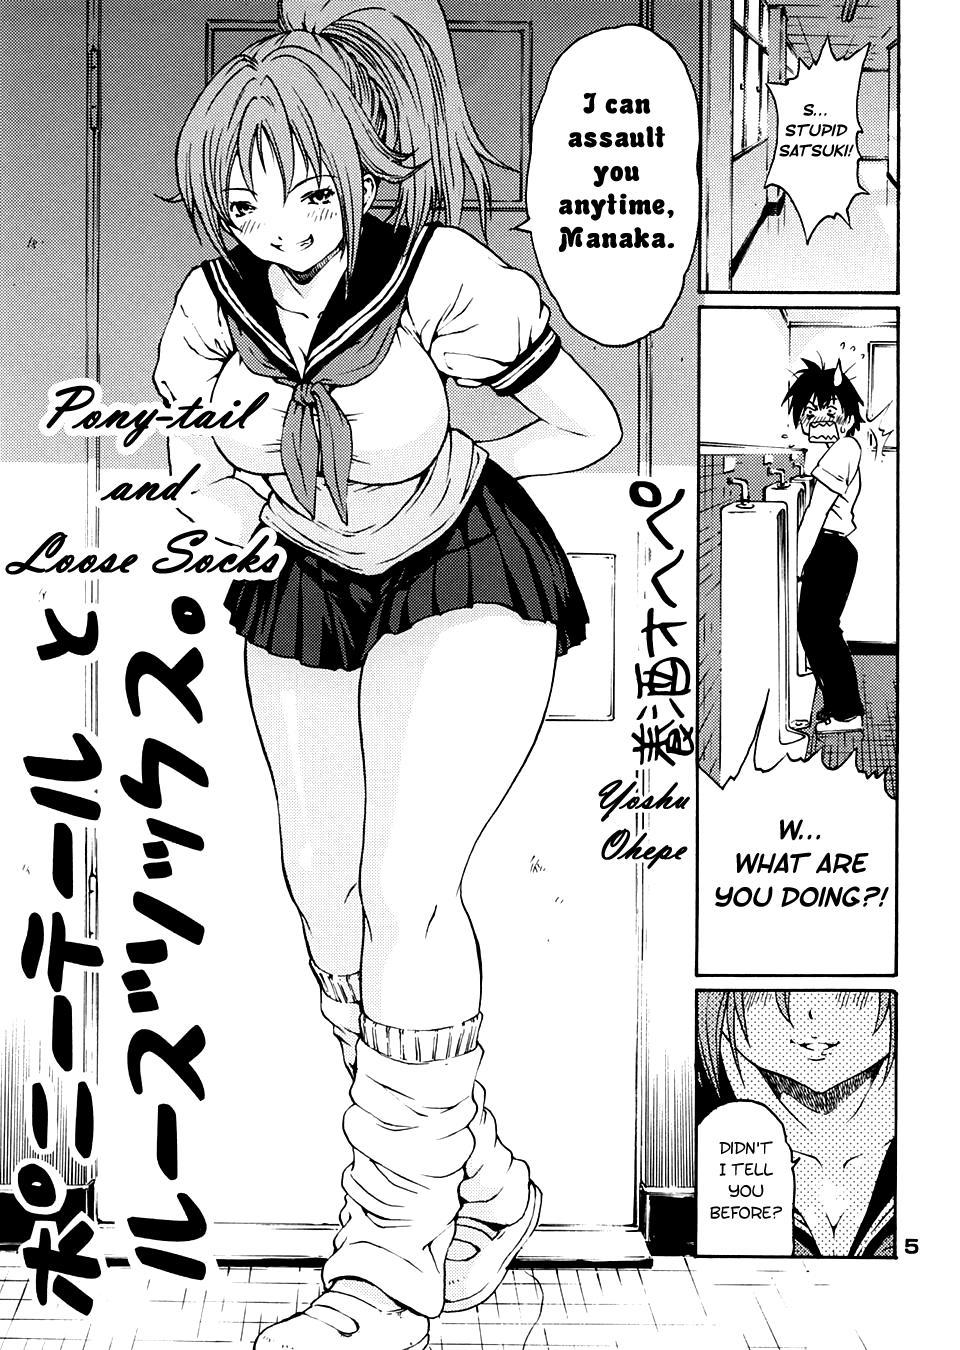 Haru Ichigo - Spring Strawberry 4